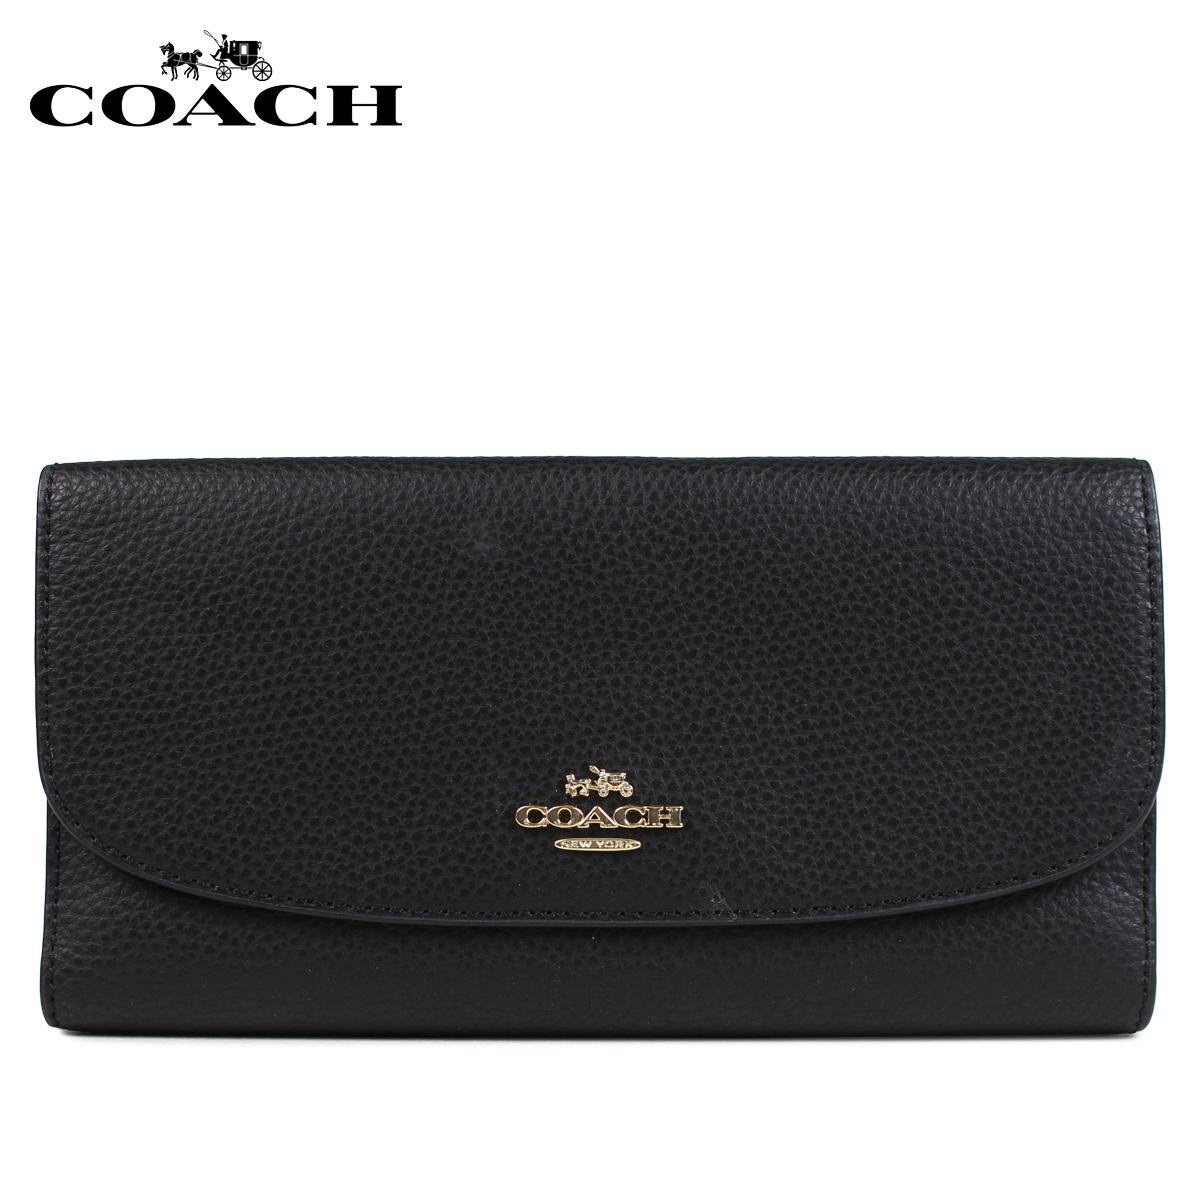 COACH F16613 コーチ 財布 長財布 レディース 三つ折り レザー ブラック